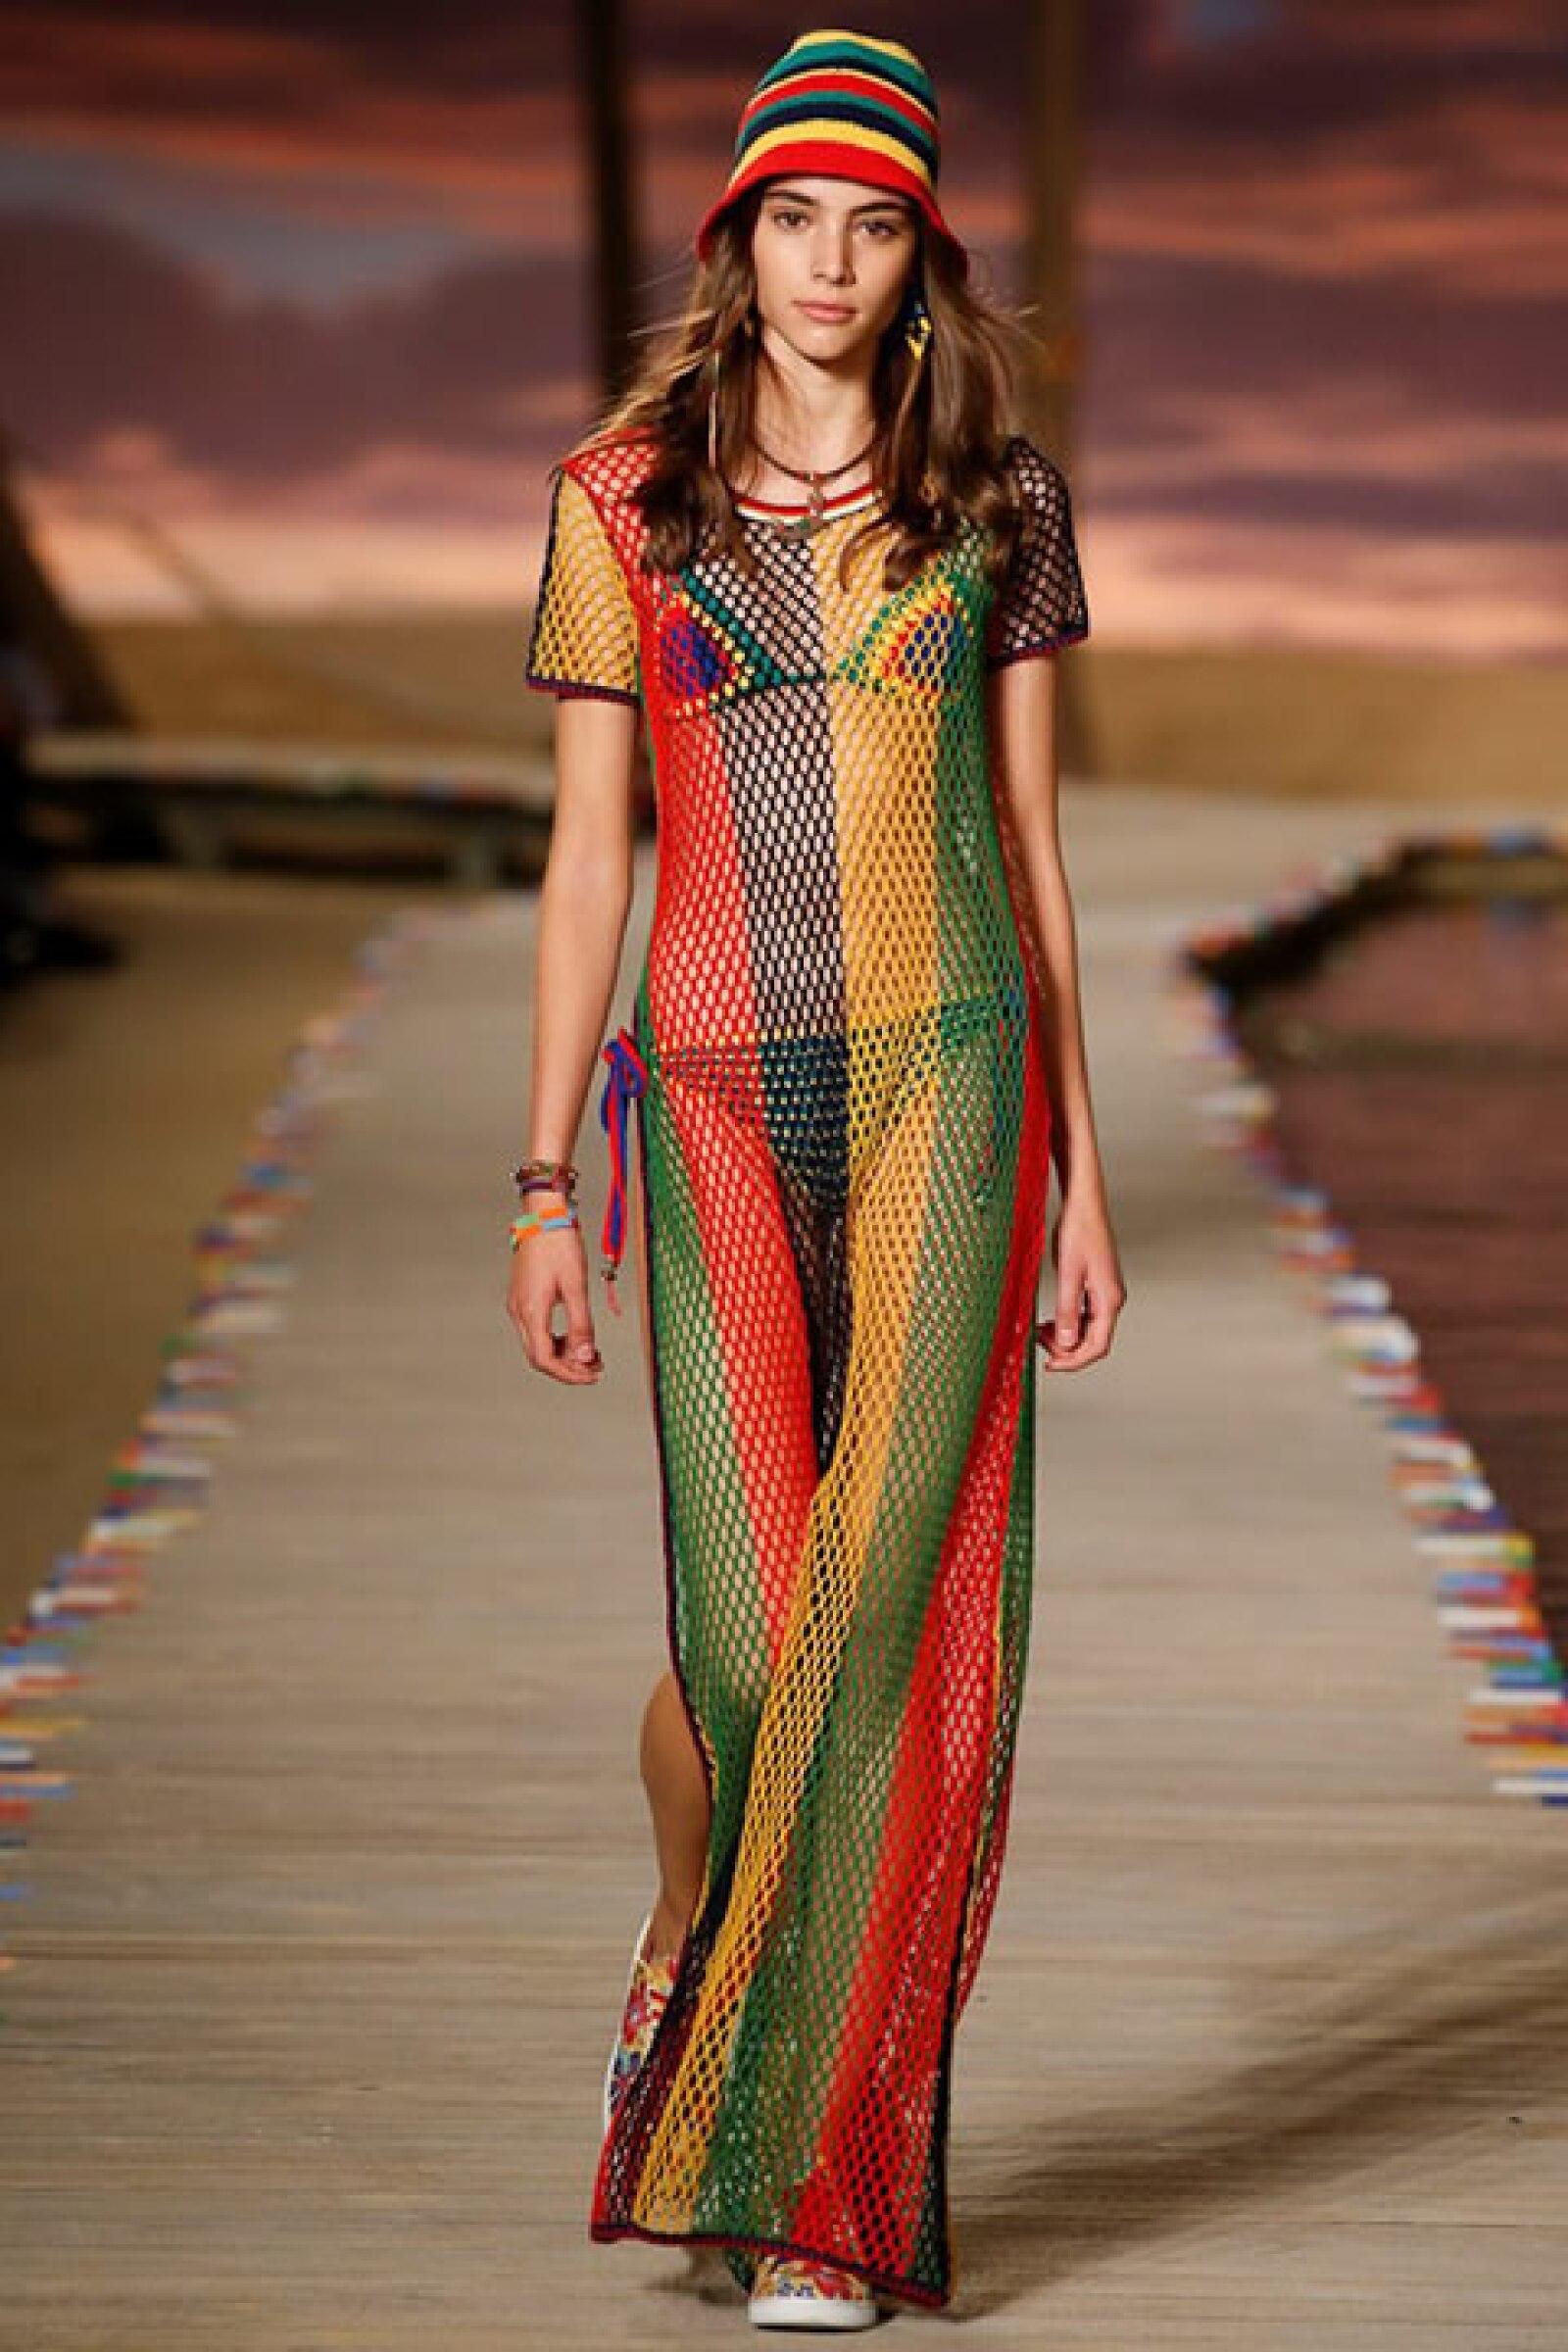 Maxi dress de red rayado, bikini de crochet y sneakers con estampado tropical.